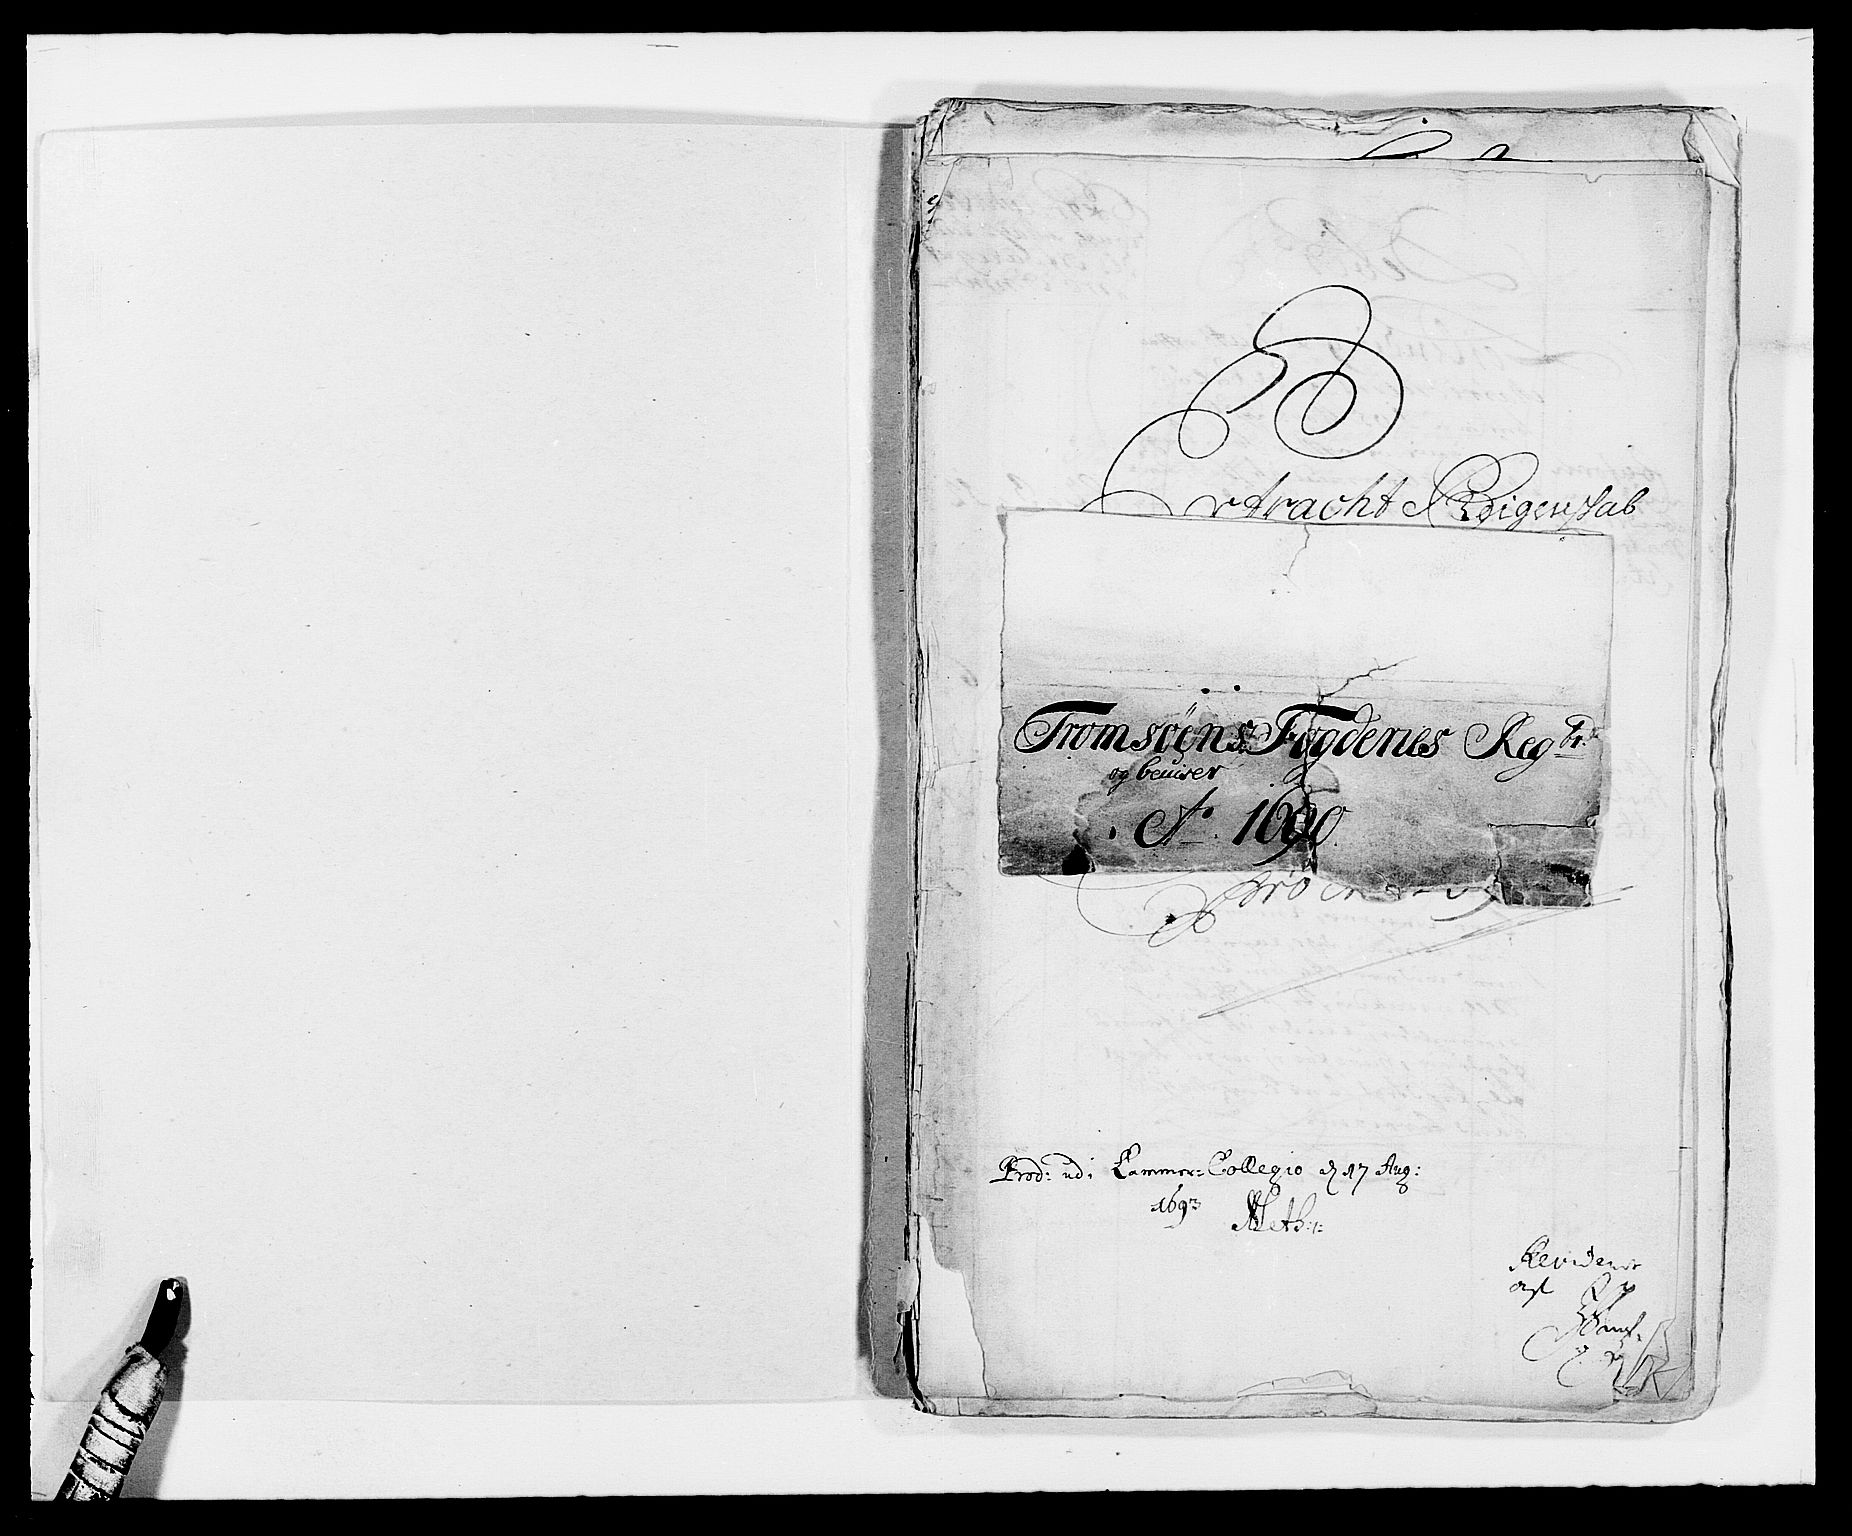 RA, Rentekammeret inntil 1814, Reviderte regnskaper, Fogderegnskap, R68/L4751: Fogderegnskap Senja og Troms, 1690-1693, s. 2